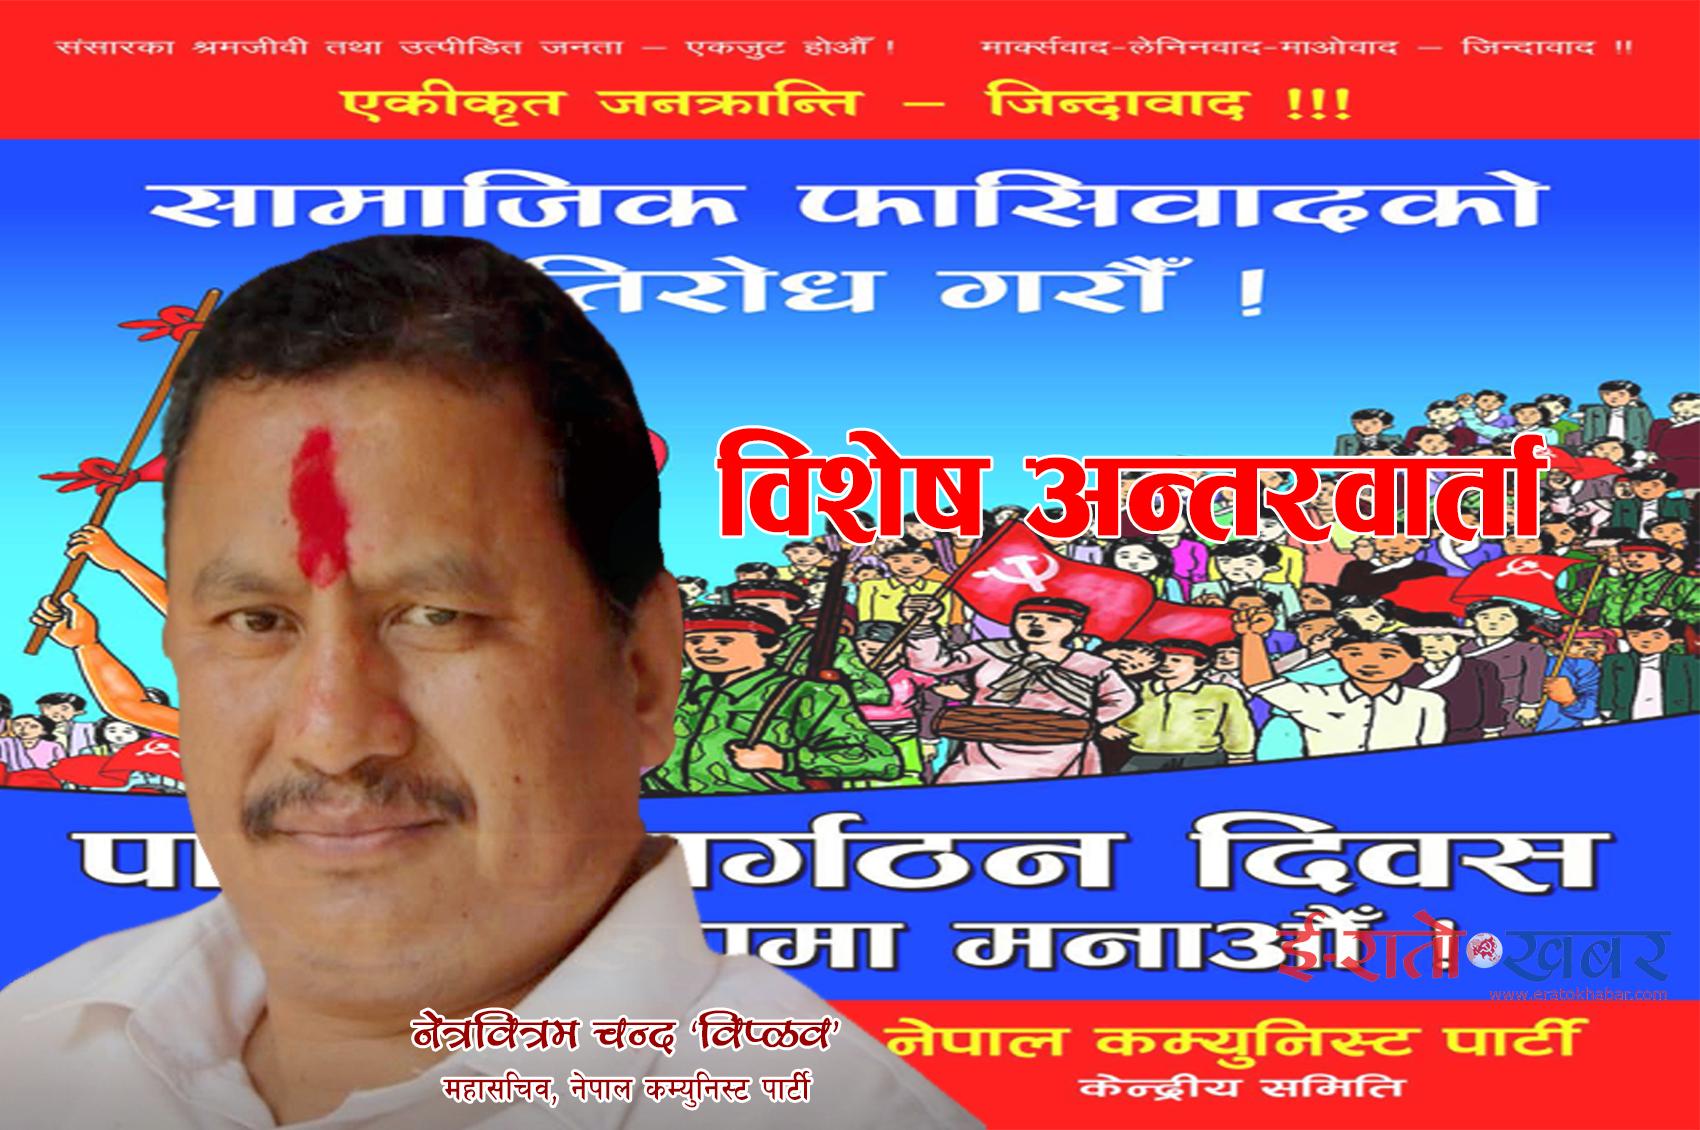 छैटौँ पार्टी पुनर्गठन दिवसका अवसरमा विशेष अन्तर्वार्ता